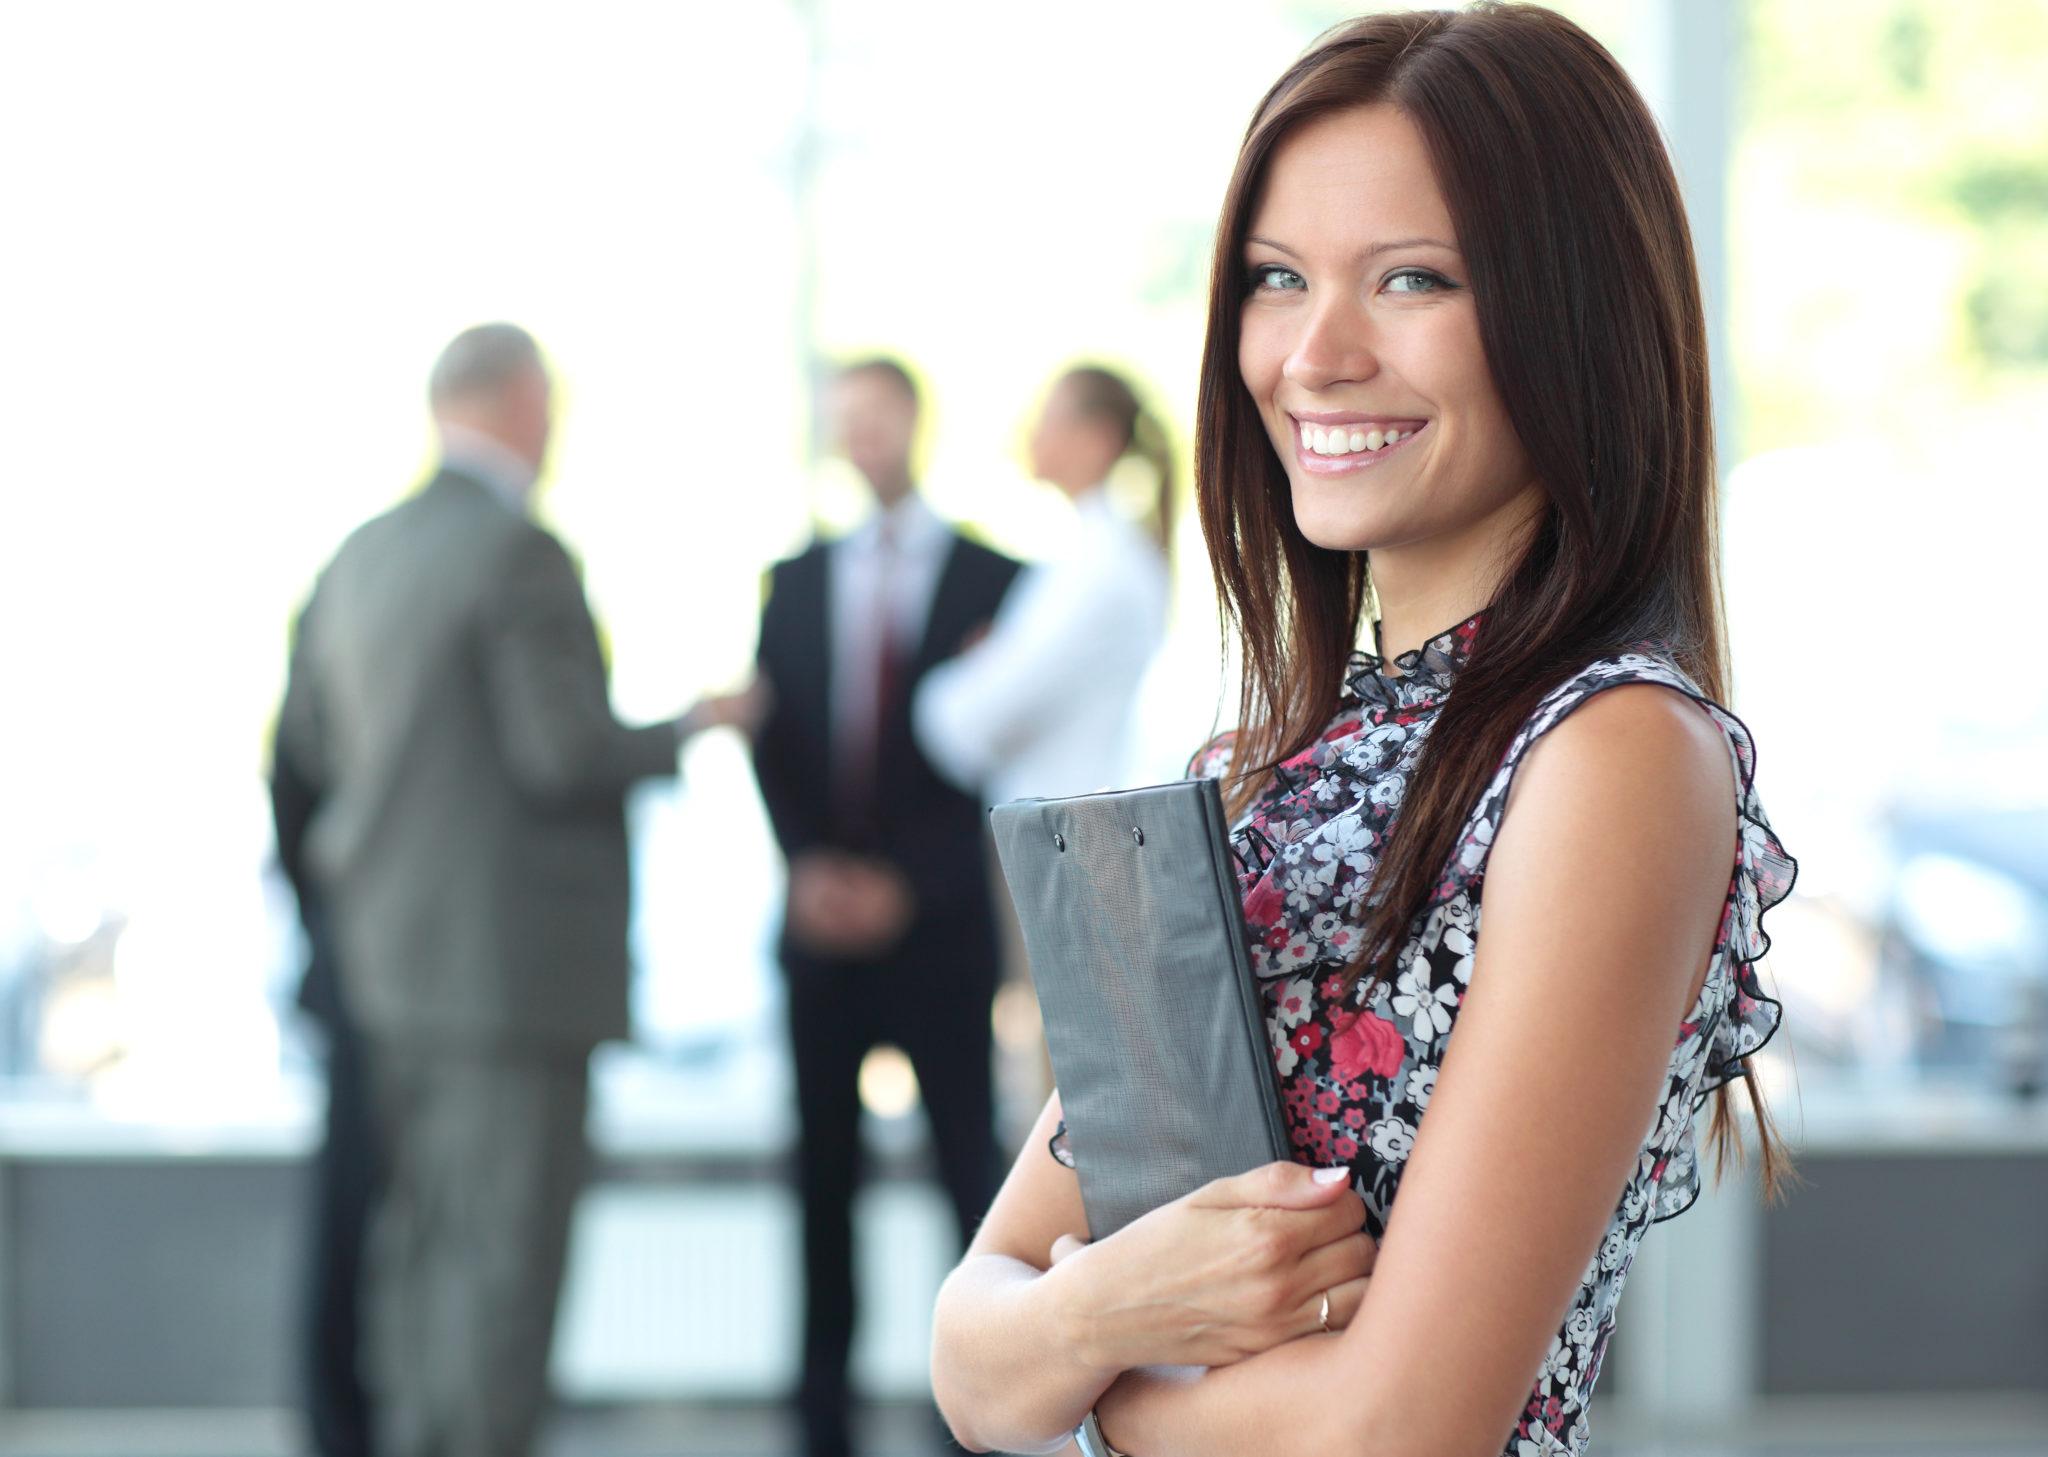 第二新卒におすすめな転職サイトと転職成功のポイントまとめ